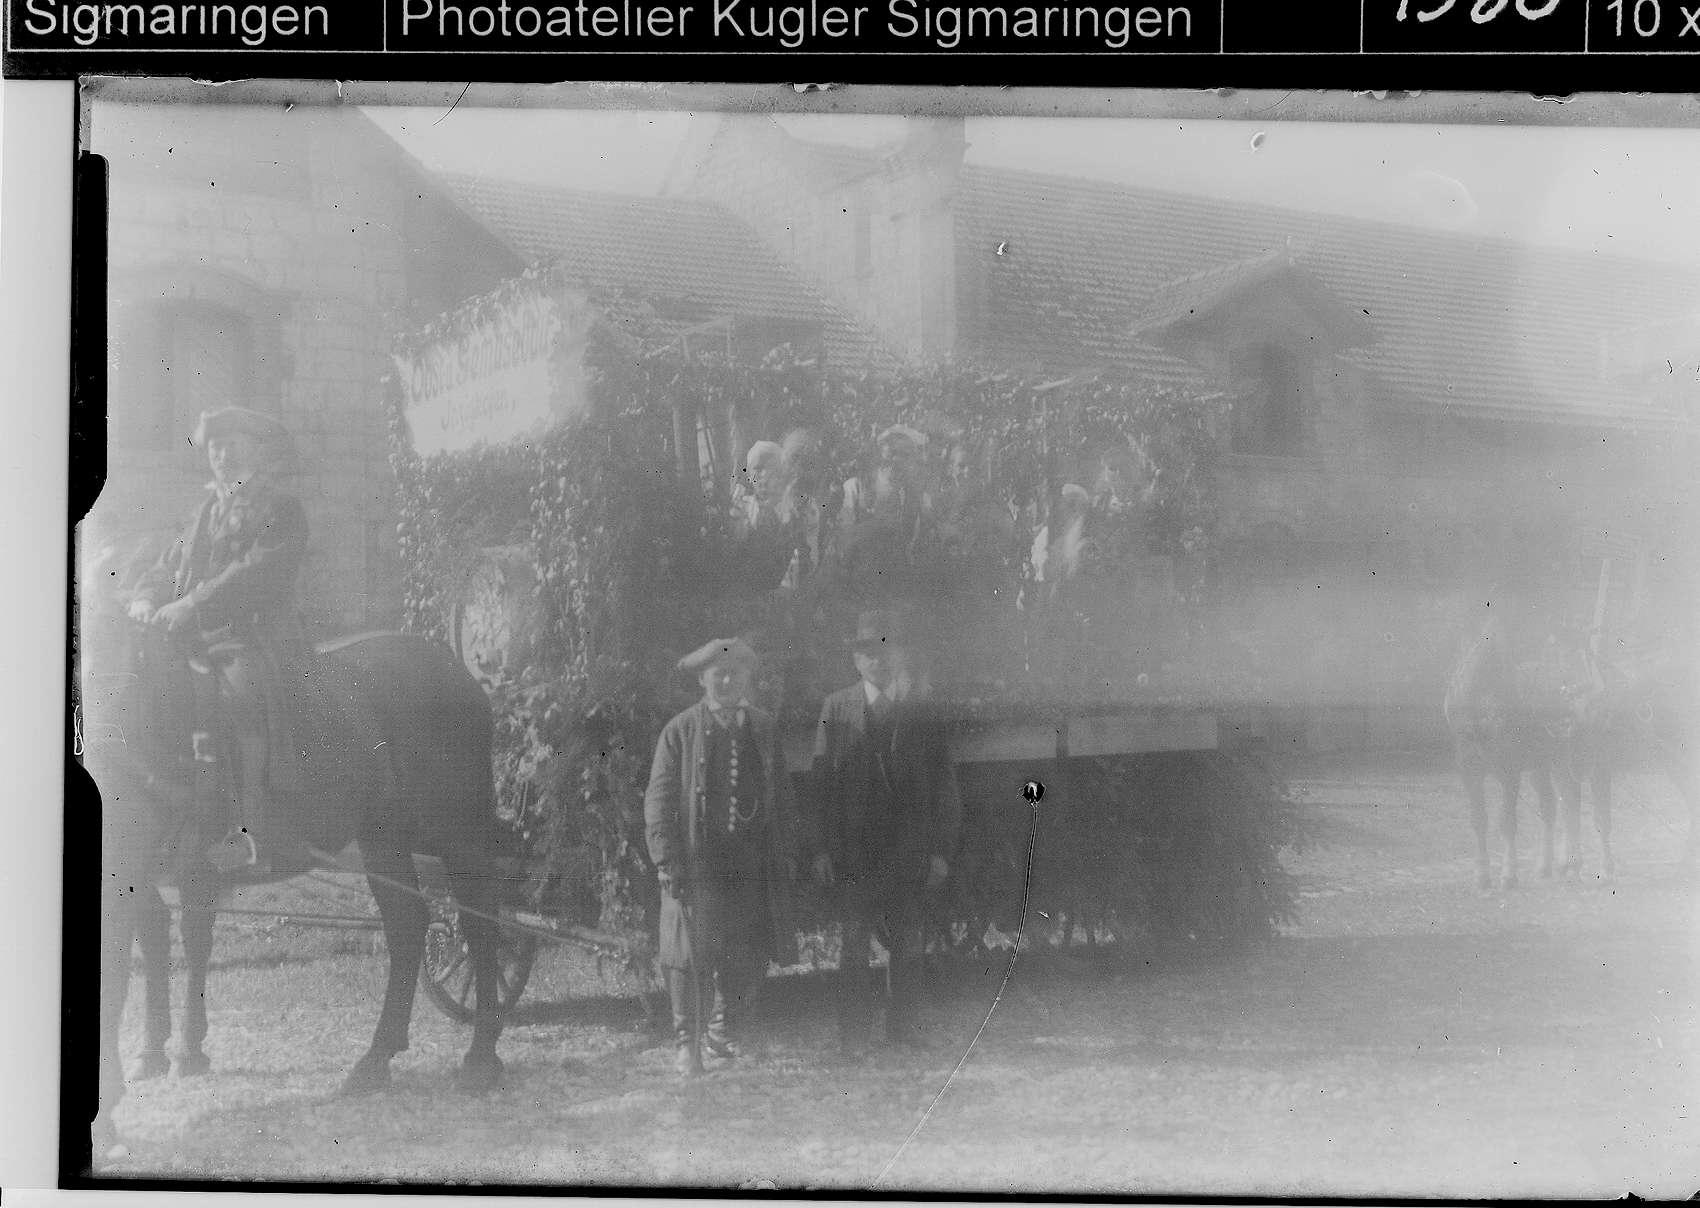 Landwirtschaftsausstellung Sigmaringen; Umzugswagen im Bauhof, Bild 1